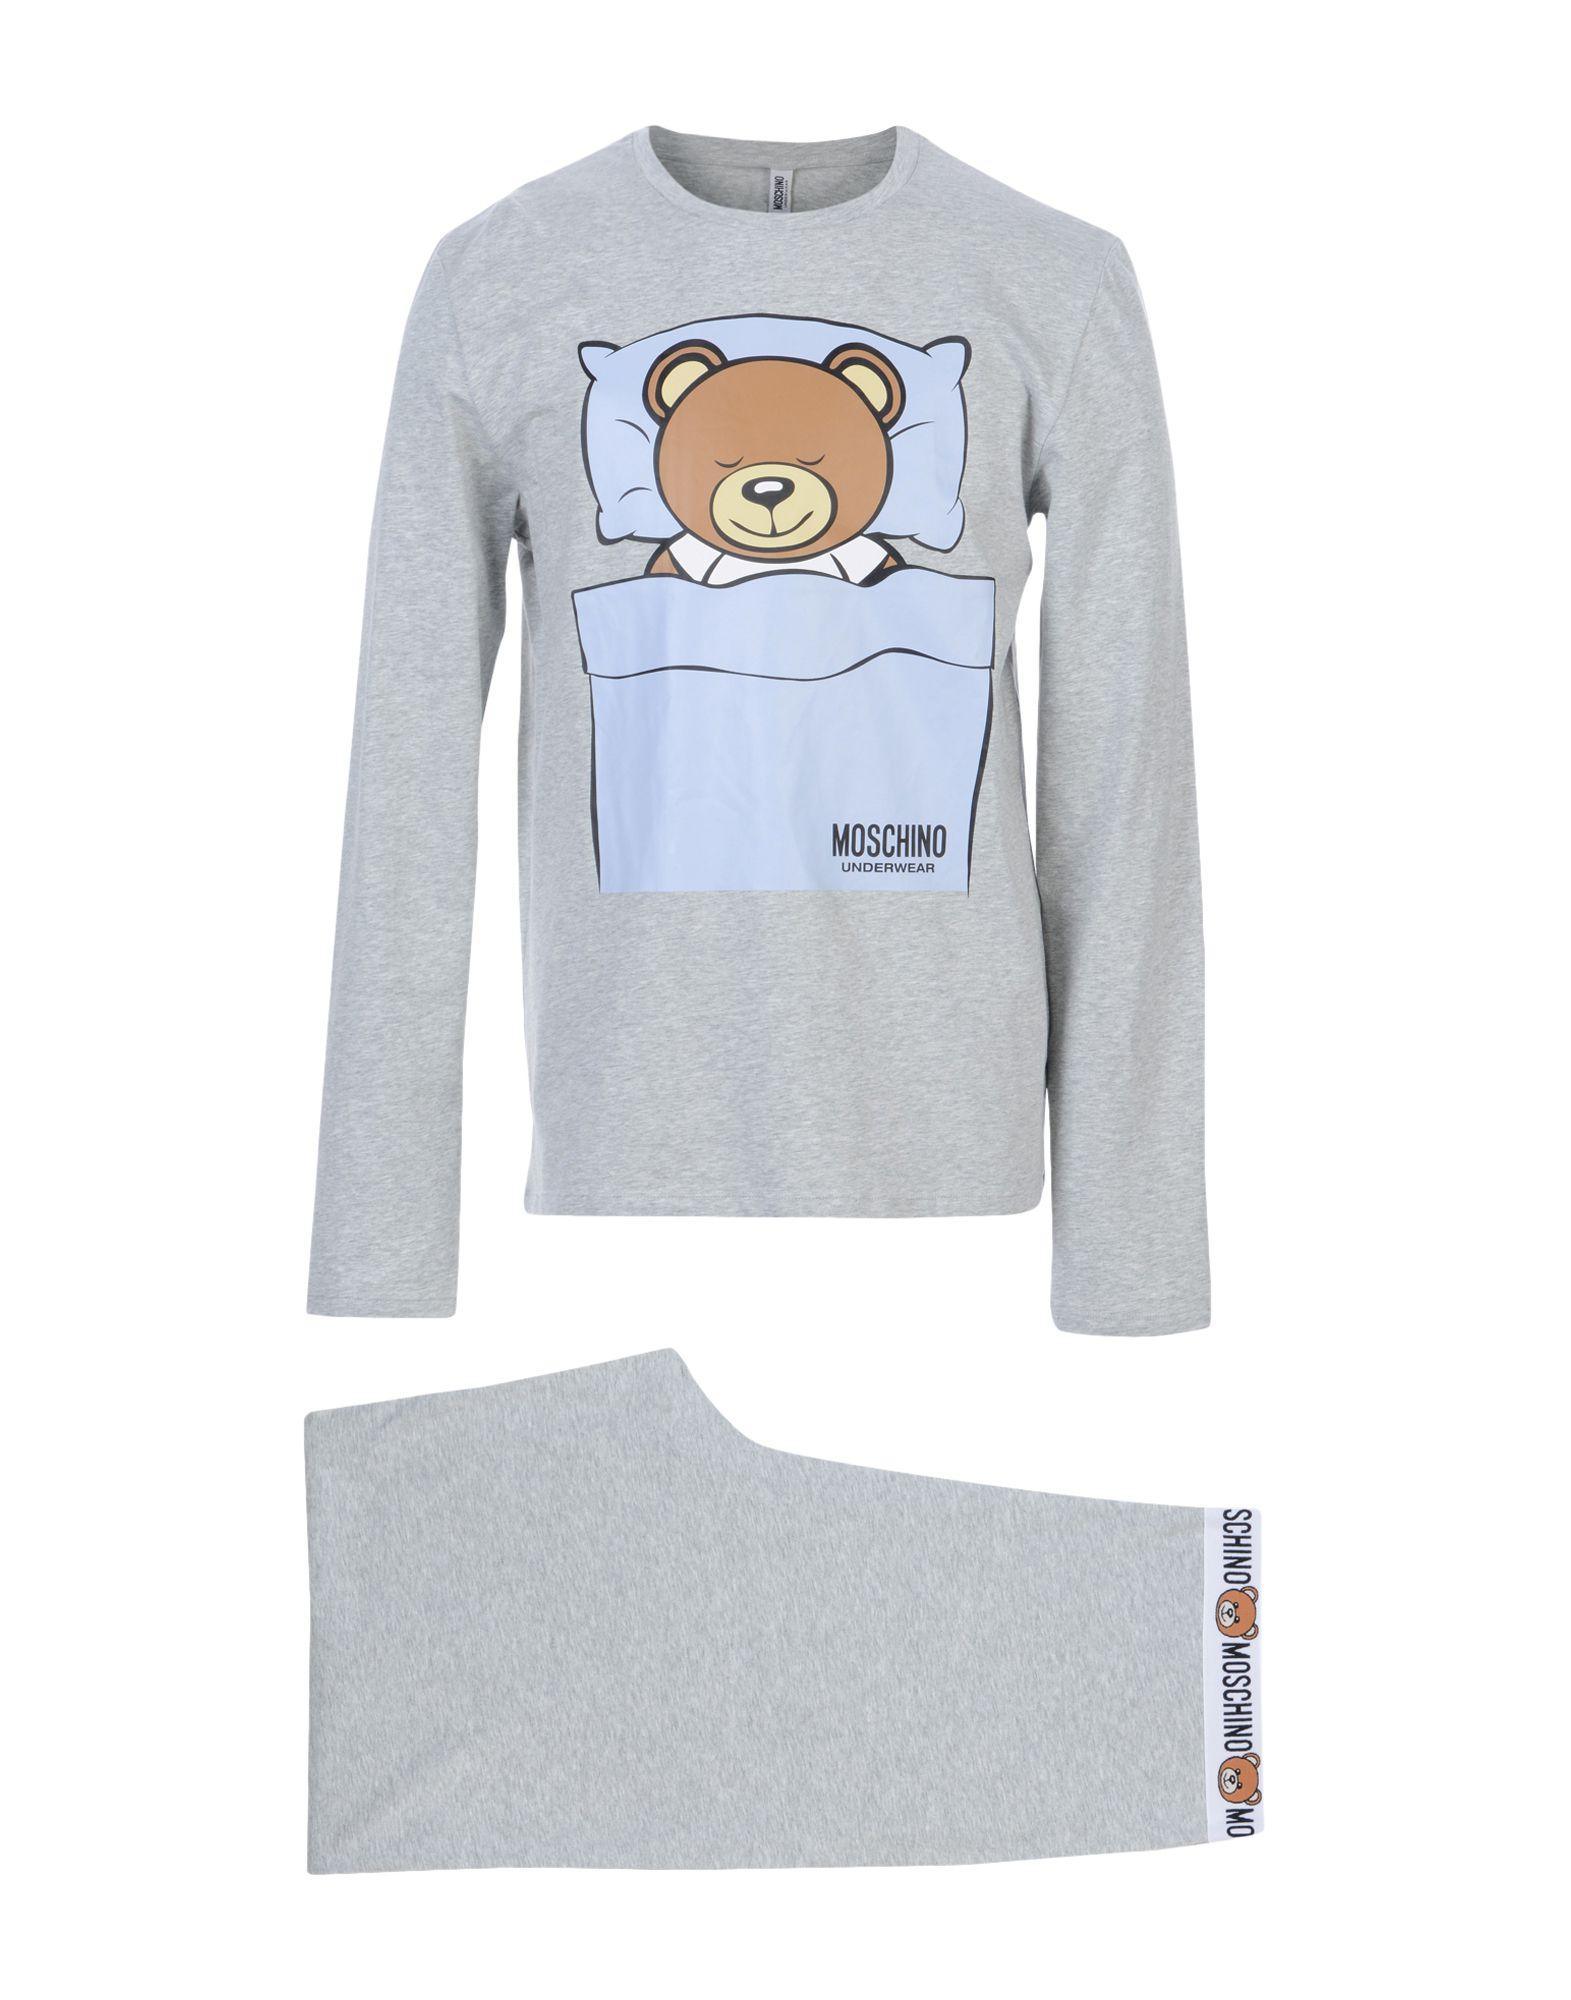 MOSCHINO UNDERWEAR Sleepwear in Light Grey